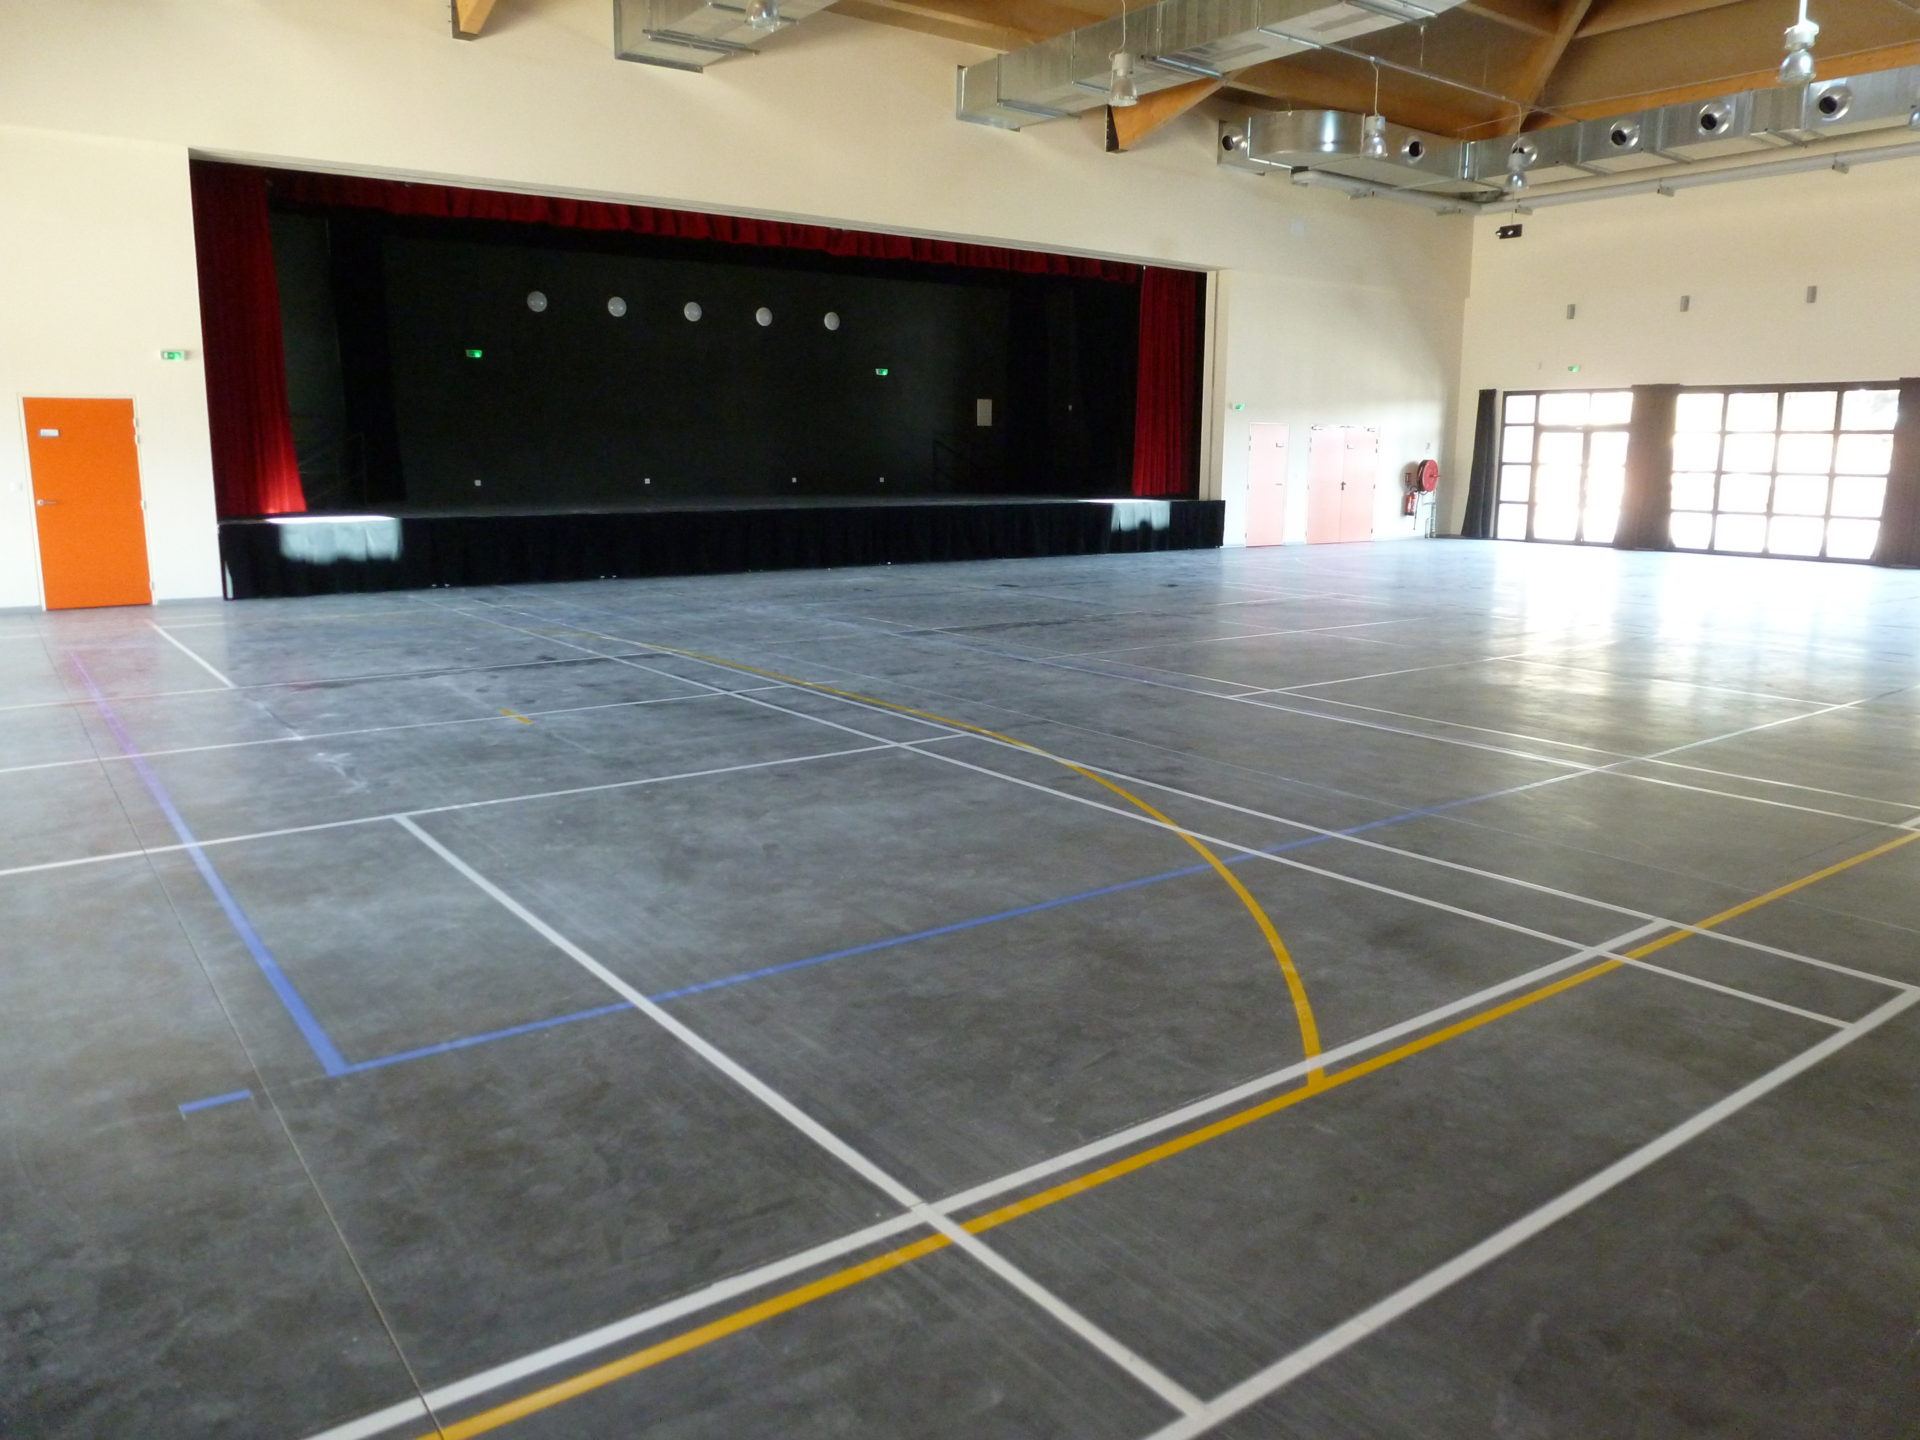 Salle de spectacle sans tribune